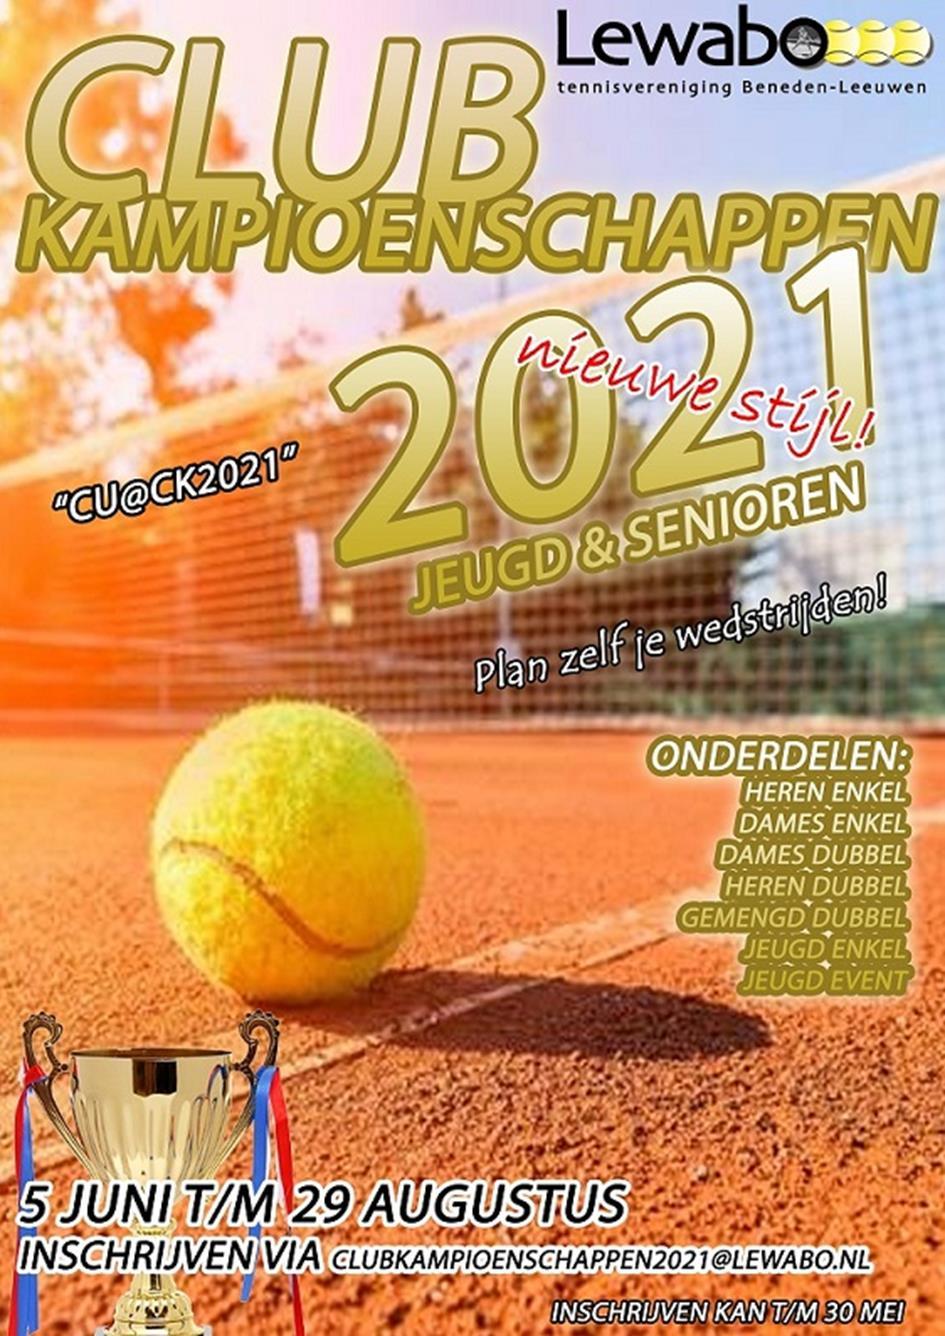 Clubkampioenschappen 2021 - WEB.jpg